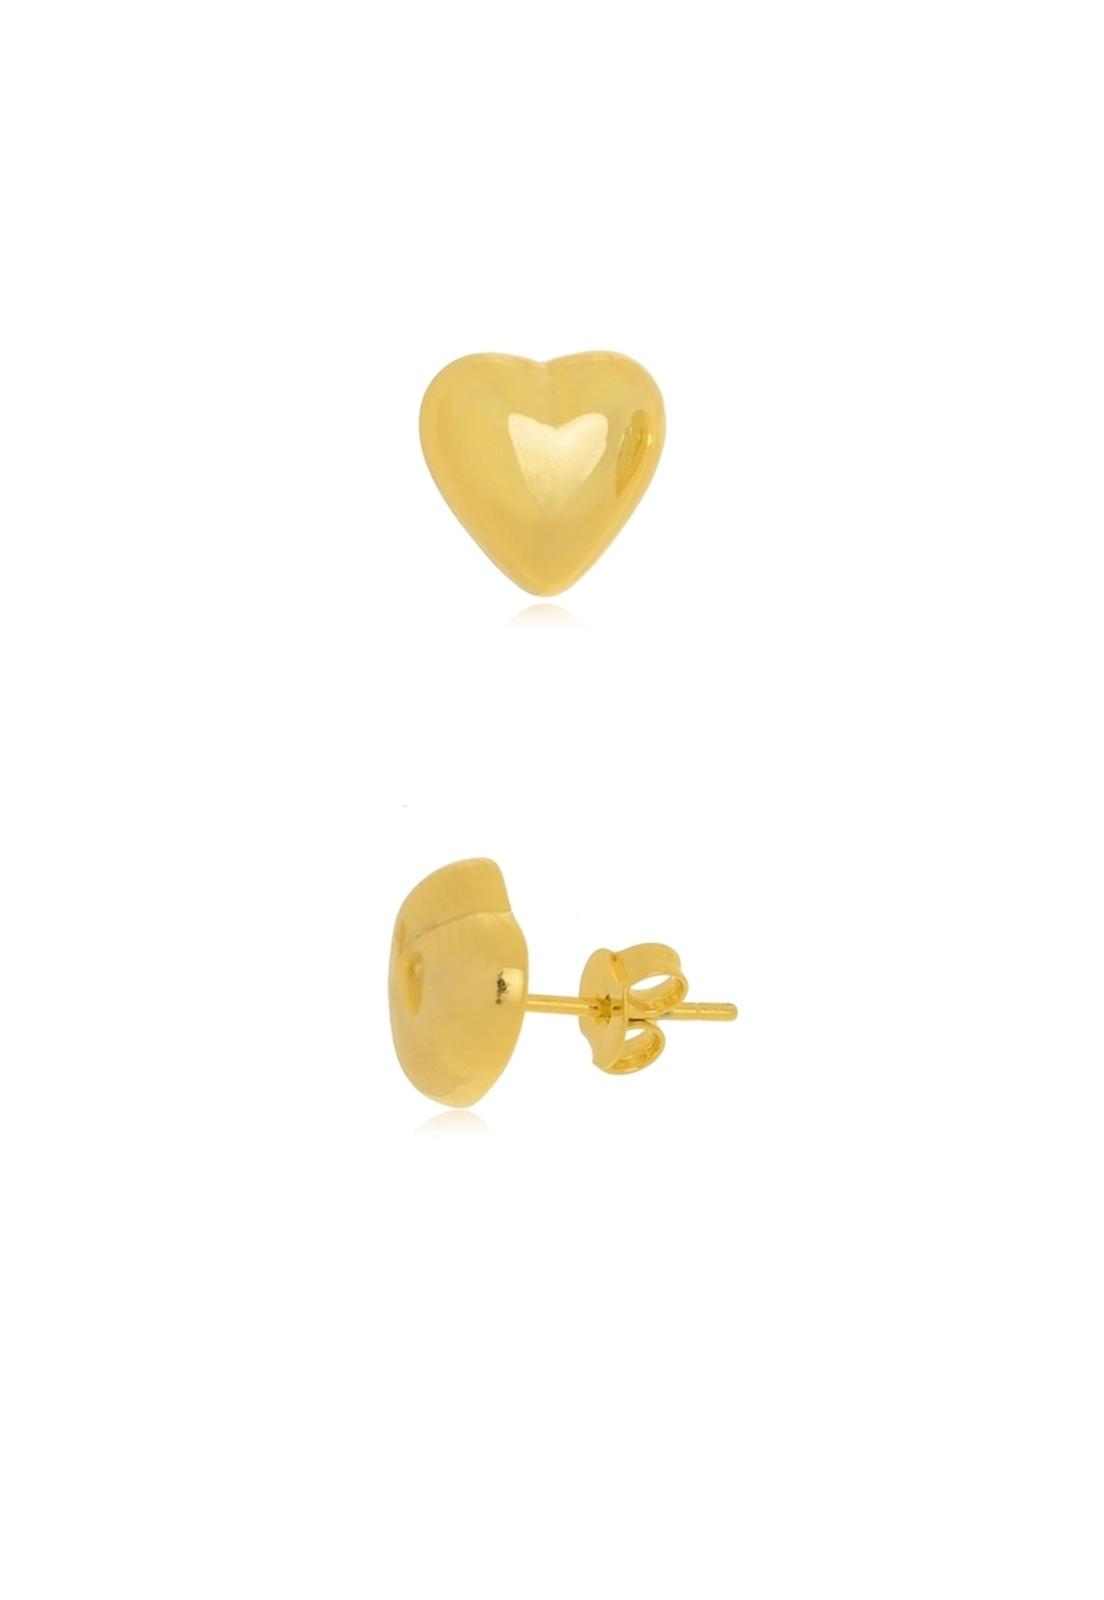 Brinco Le Diamond Coração Grande Dourado